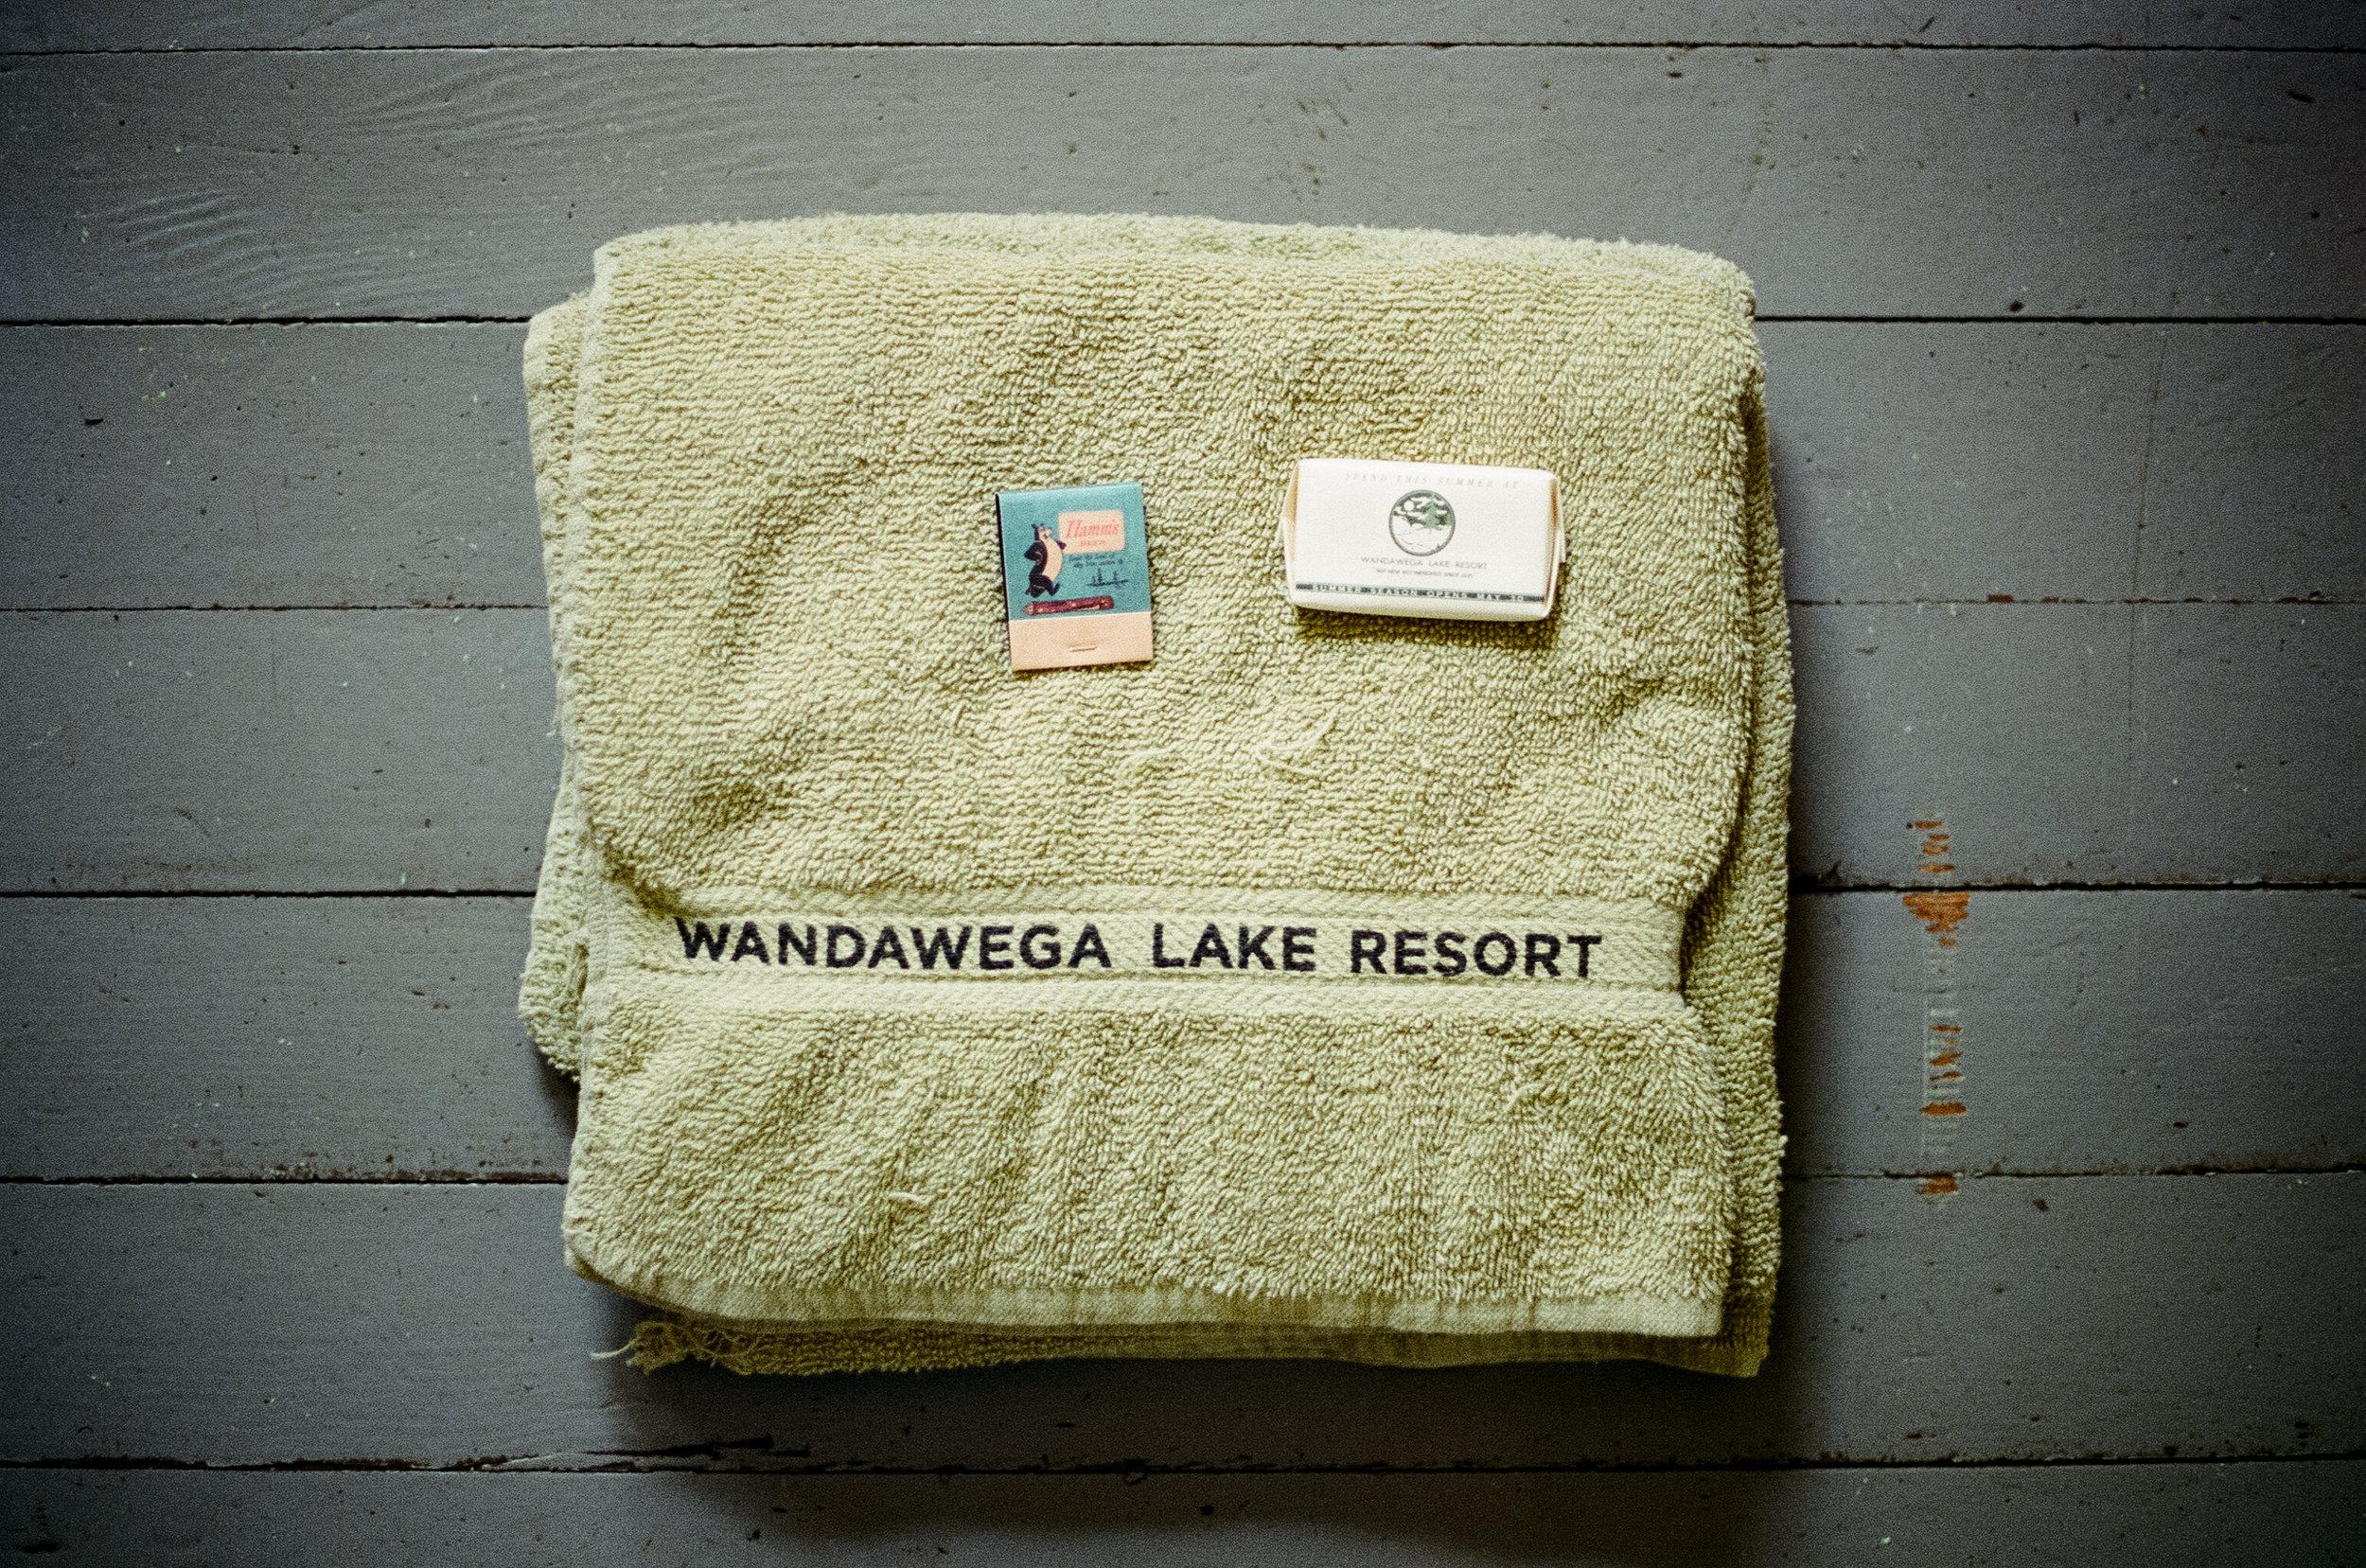 midwest-magazine-driftless-lake-wandawega